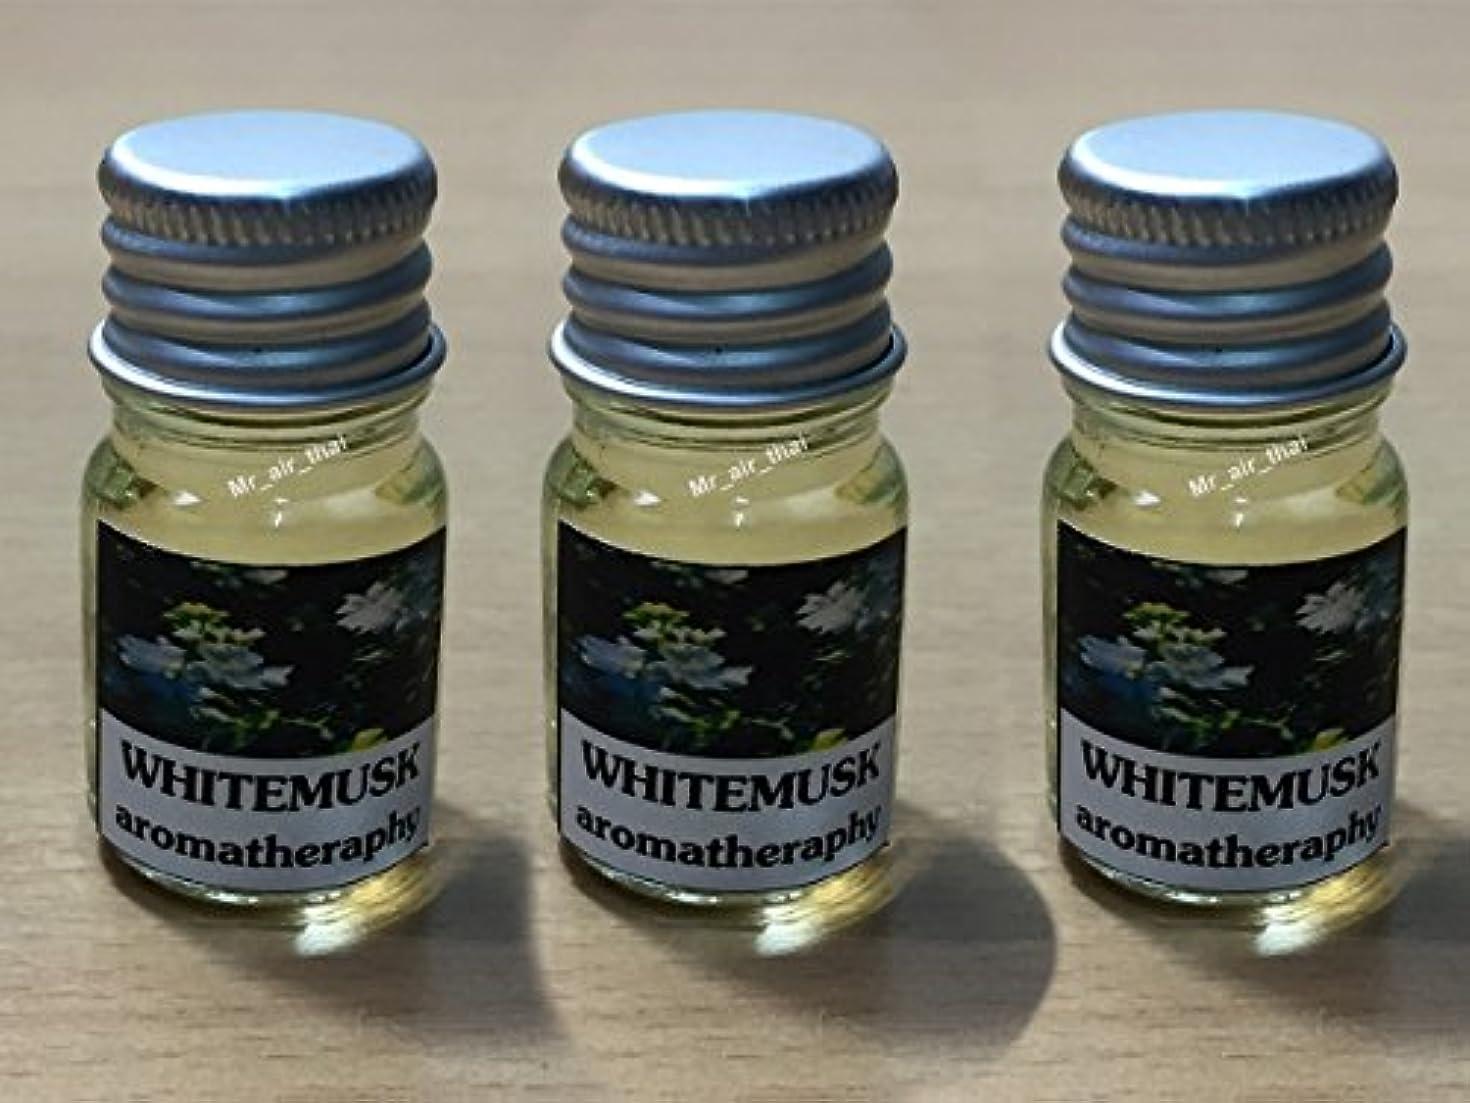 過言嫌な概して3個セット,5ミリリットルアロマホワイトムスクフランクインセンスエッセンシャルオイルボトルアロマテラピーオイル自然自然 3PC 5ml Aroma Whitemusk Frankincense Essential Oil...